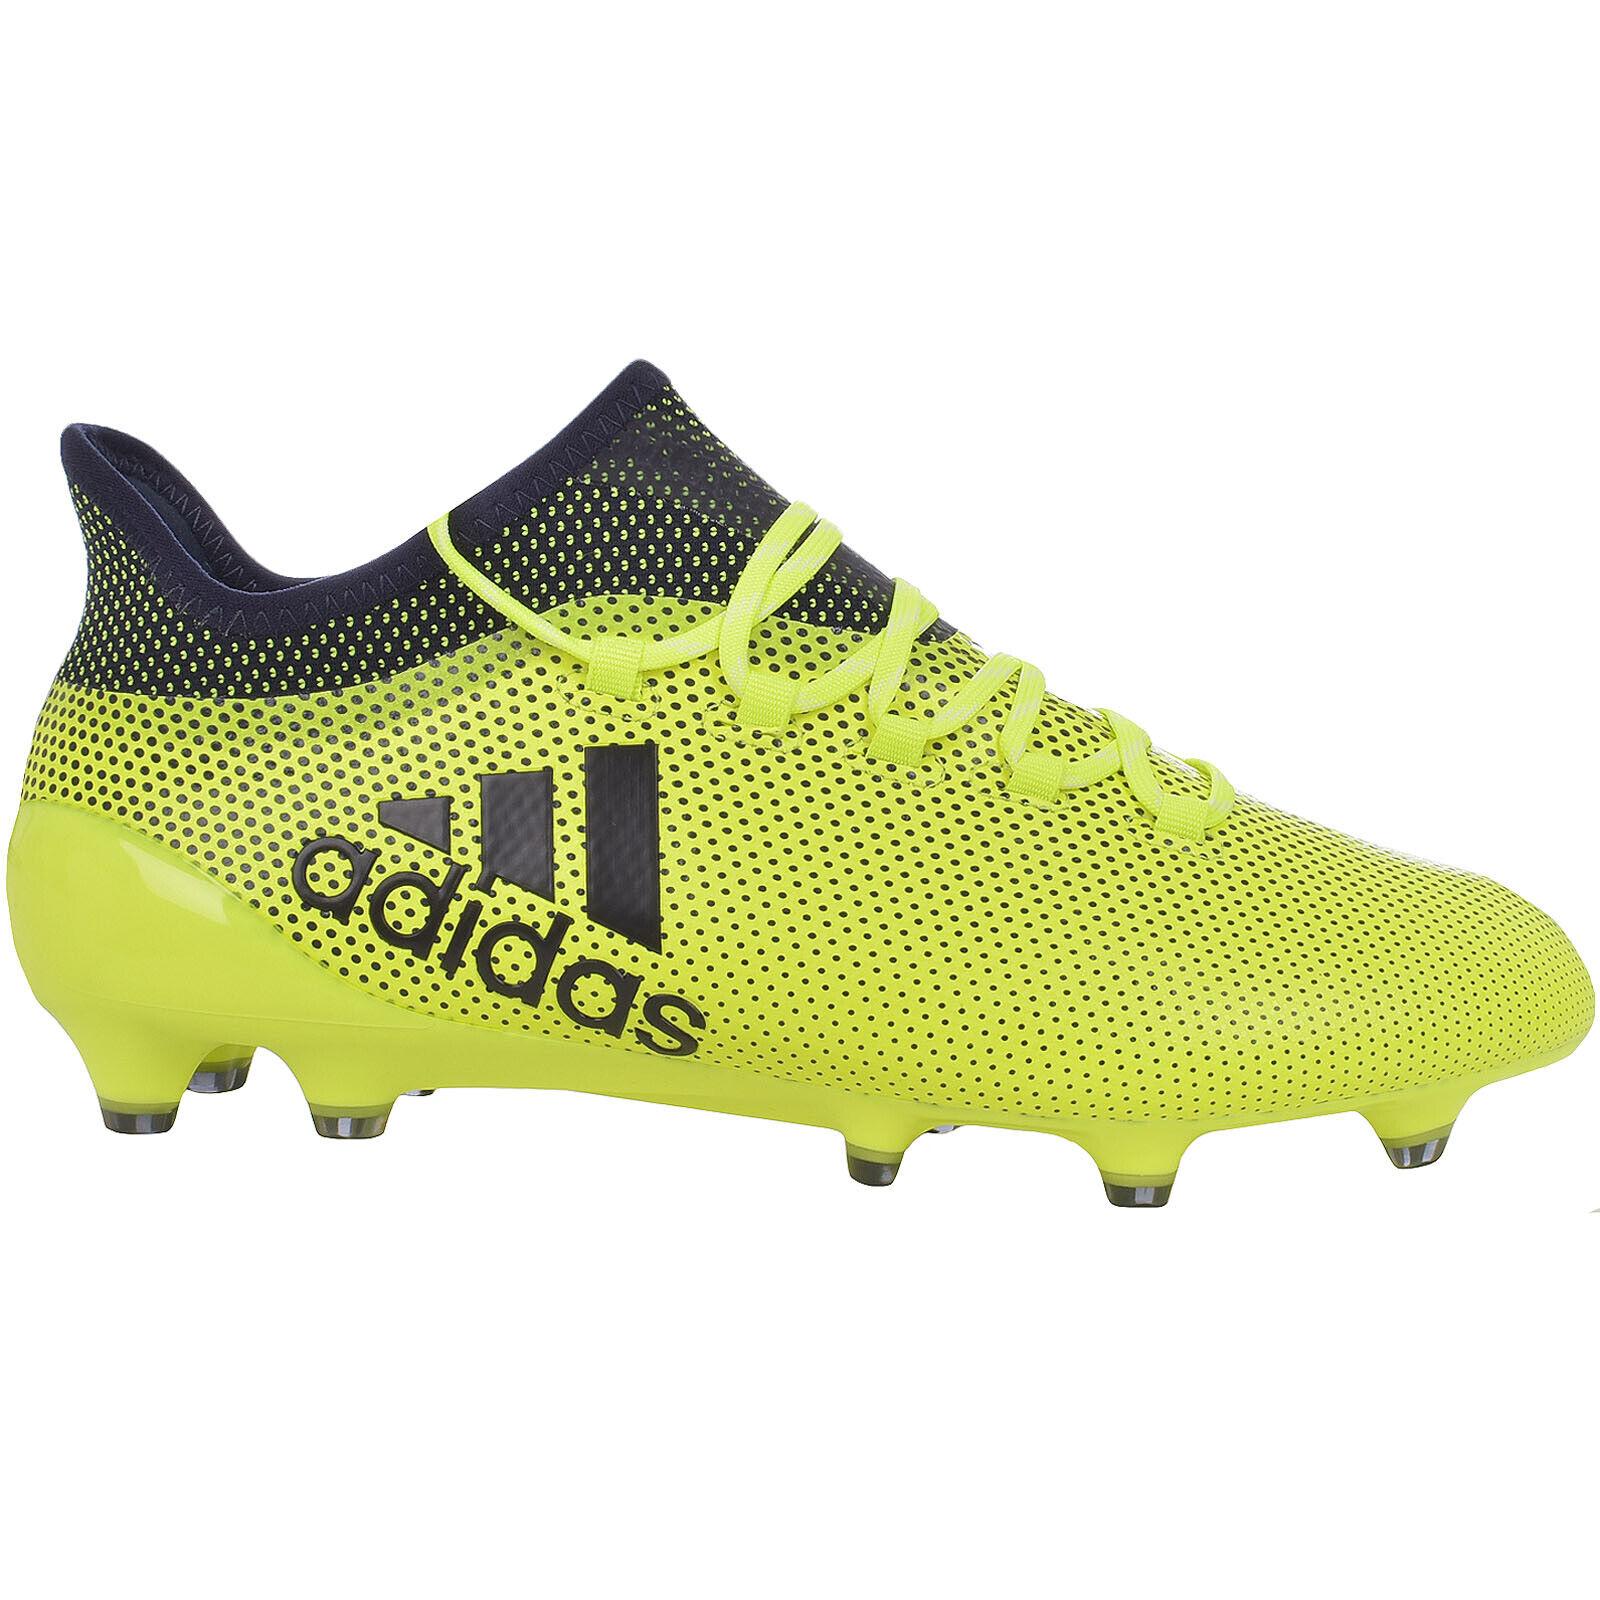 Adidas Rendimiento Hombre X 17.1 Fg Deportes Fútbol botas -